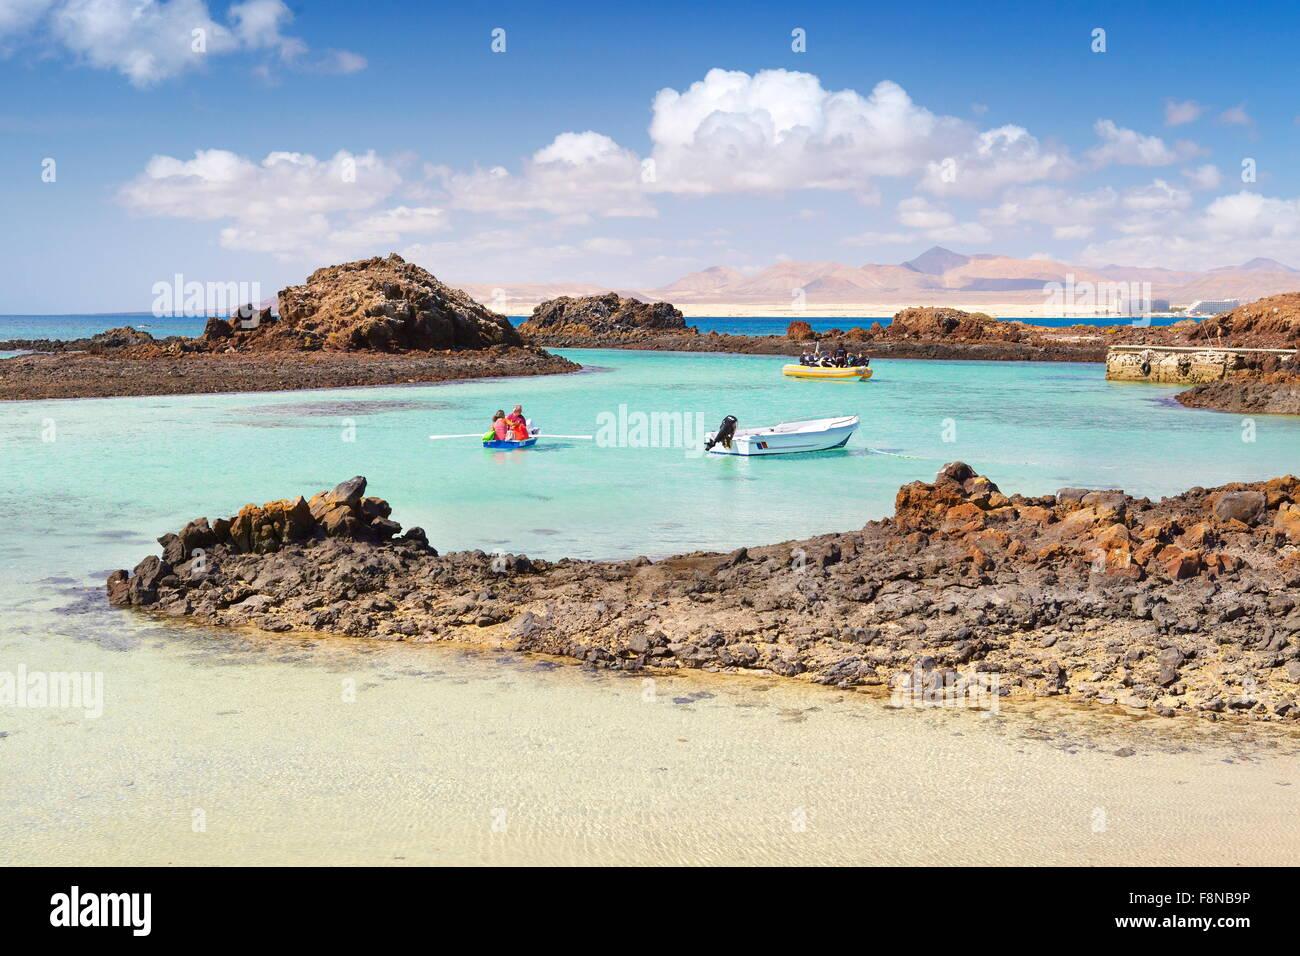 L'île de Lobos, îles de Canaries, EspagneBanque D'Images